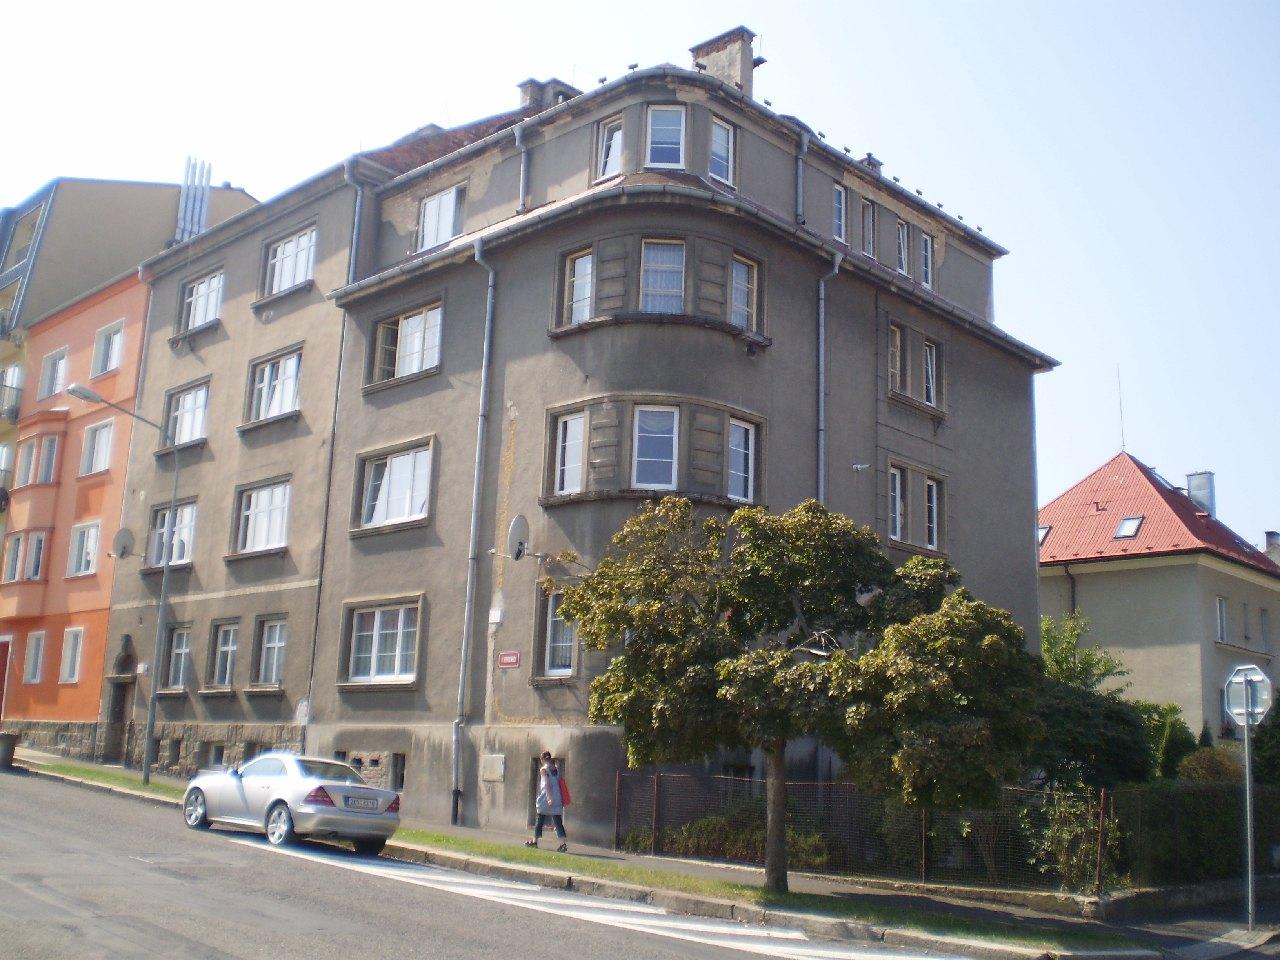 Prodej rodinných domů, chat, bytů, pozemků  v Karlovarském kraji